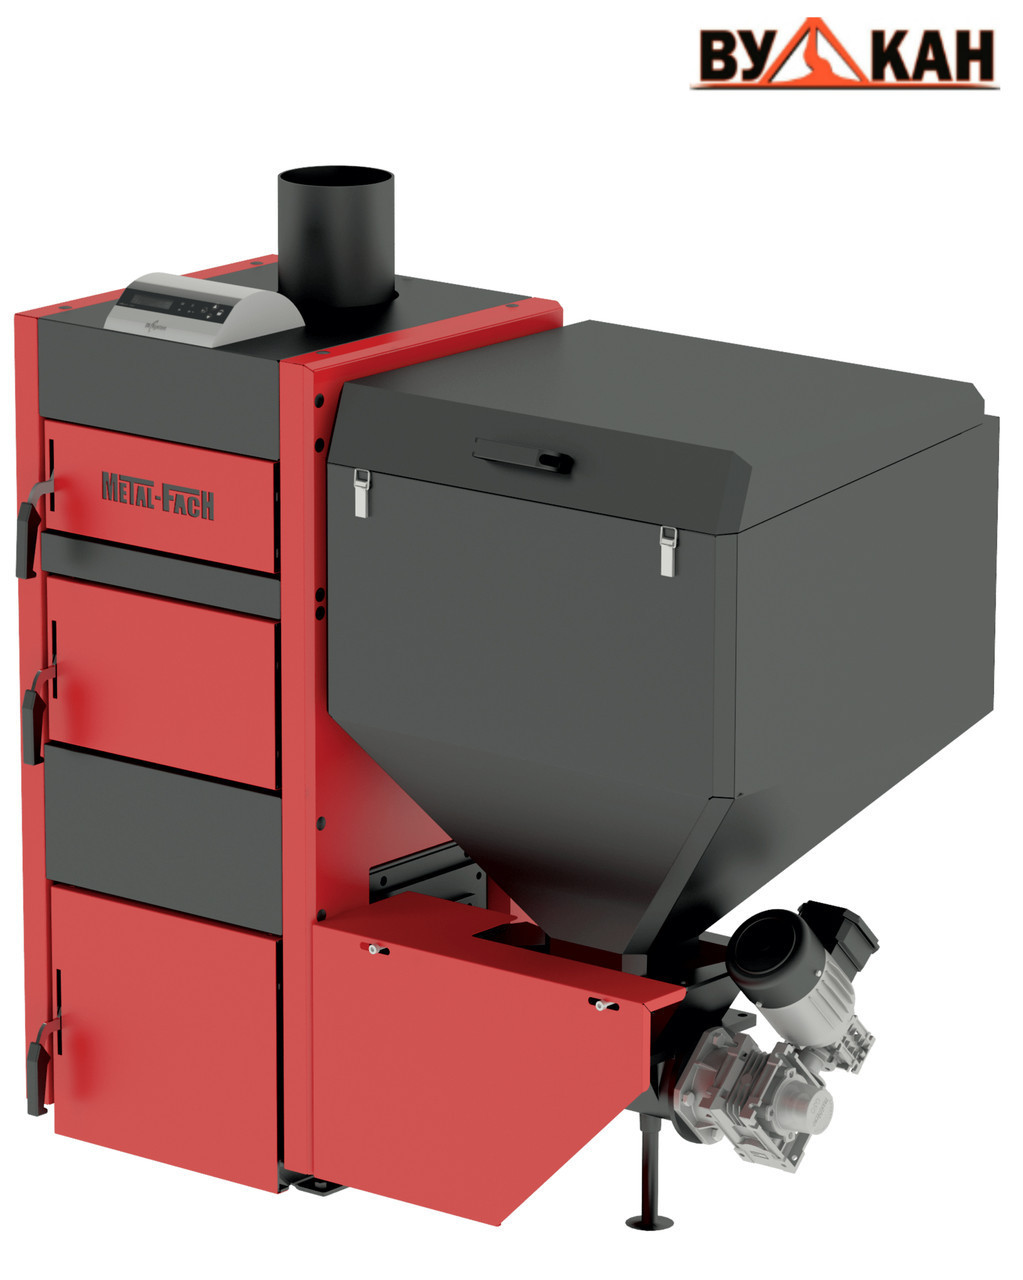 Автоматический котел Metal-Fach SMART Auto ECO 25 кВт с правой подачей